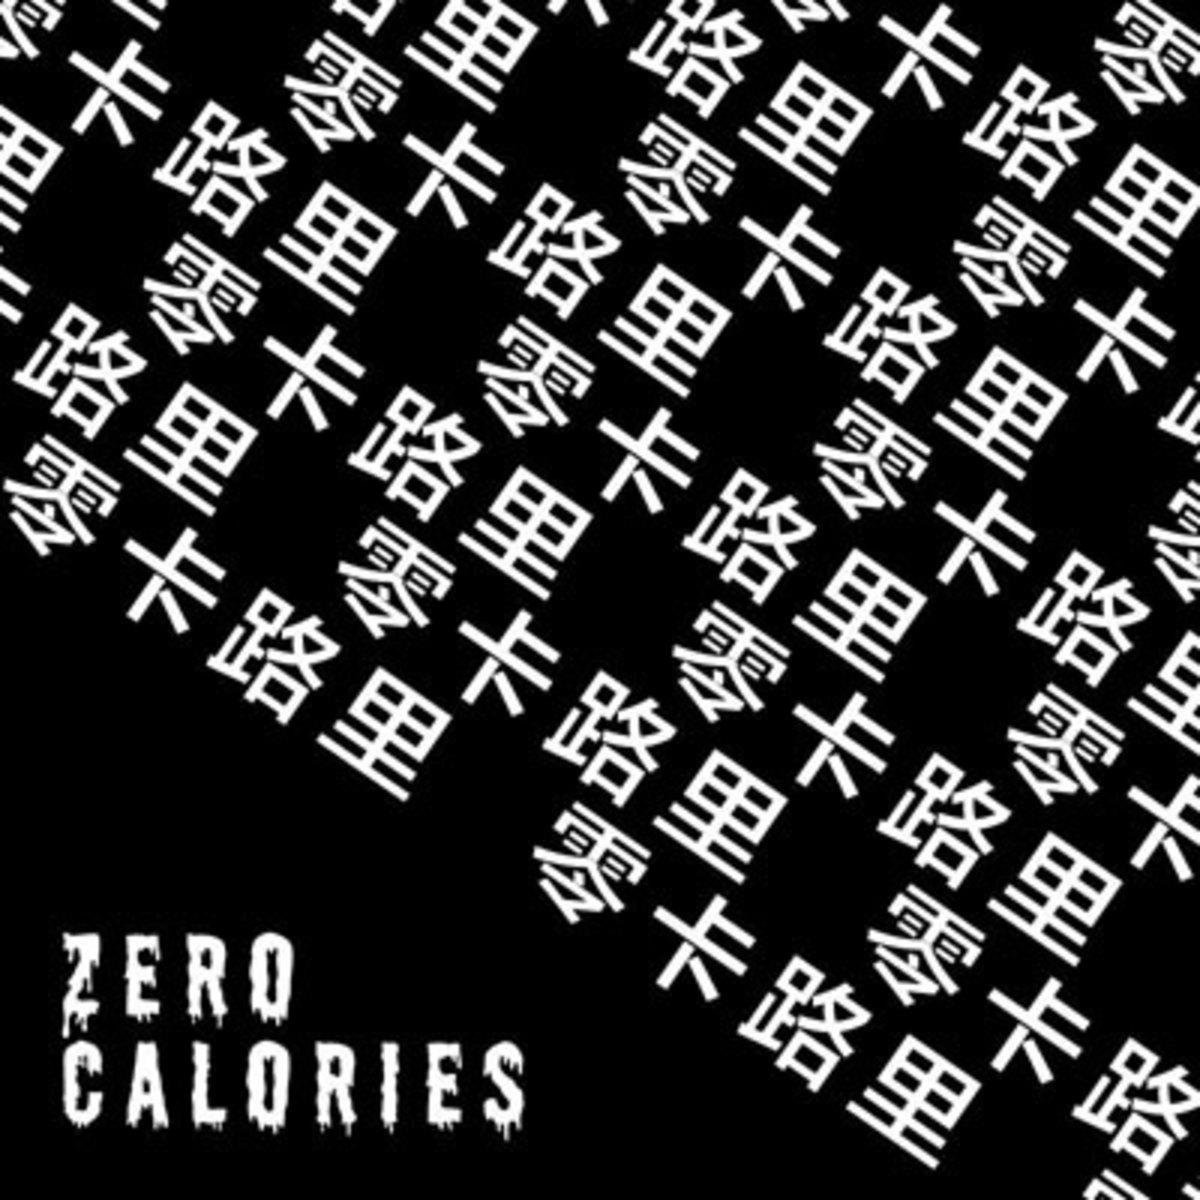 zerocalories.jpg